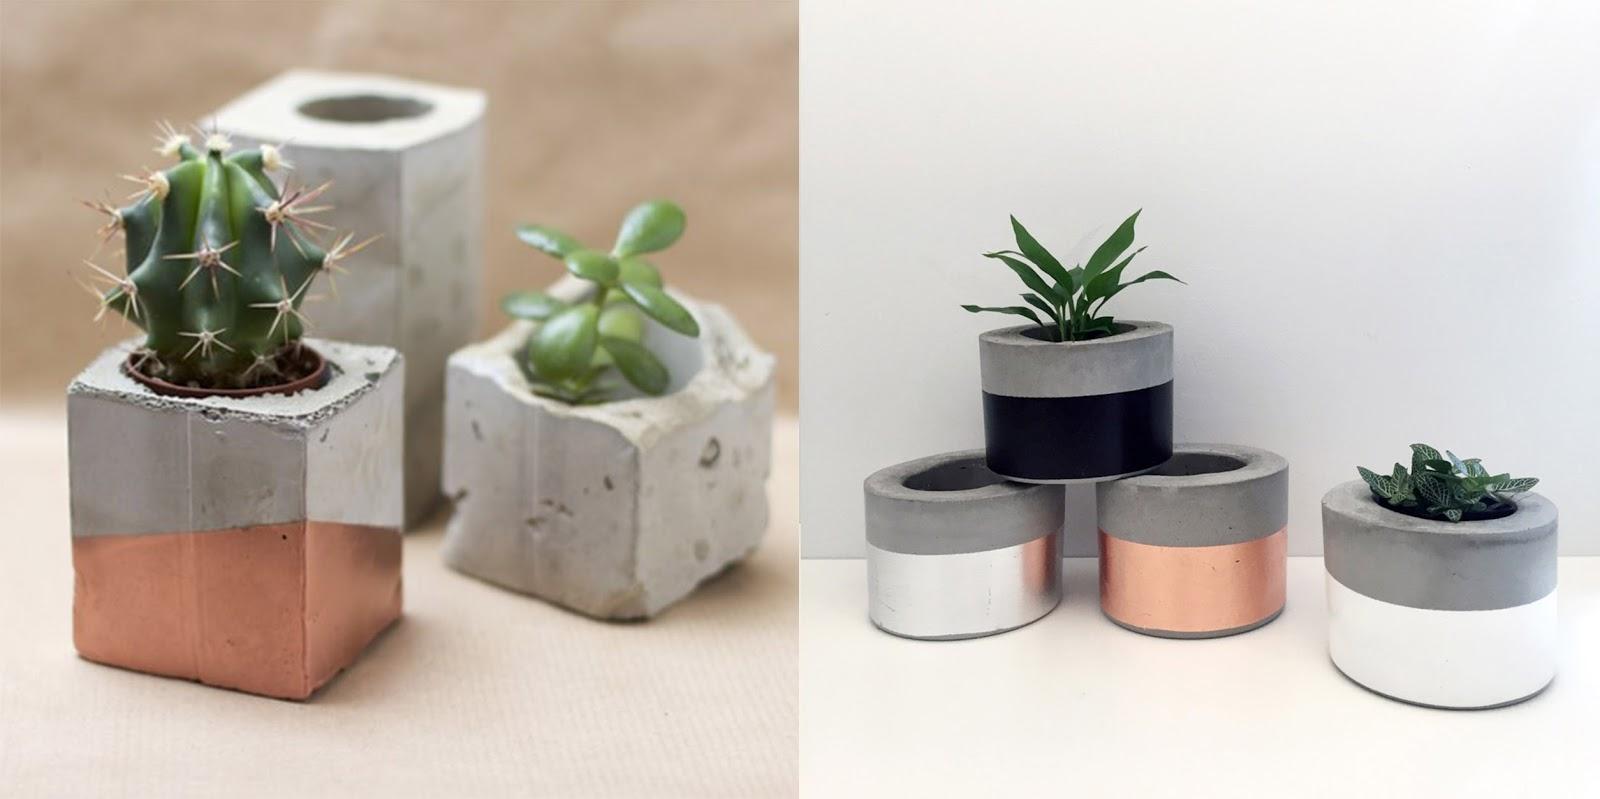 Vasi creativi per fiori e piante idee fai da te e - Vasi piante design ...